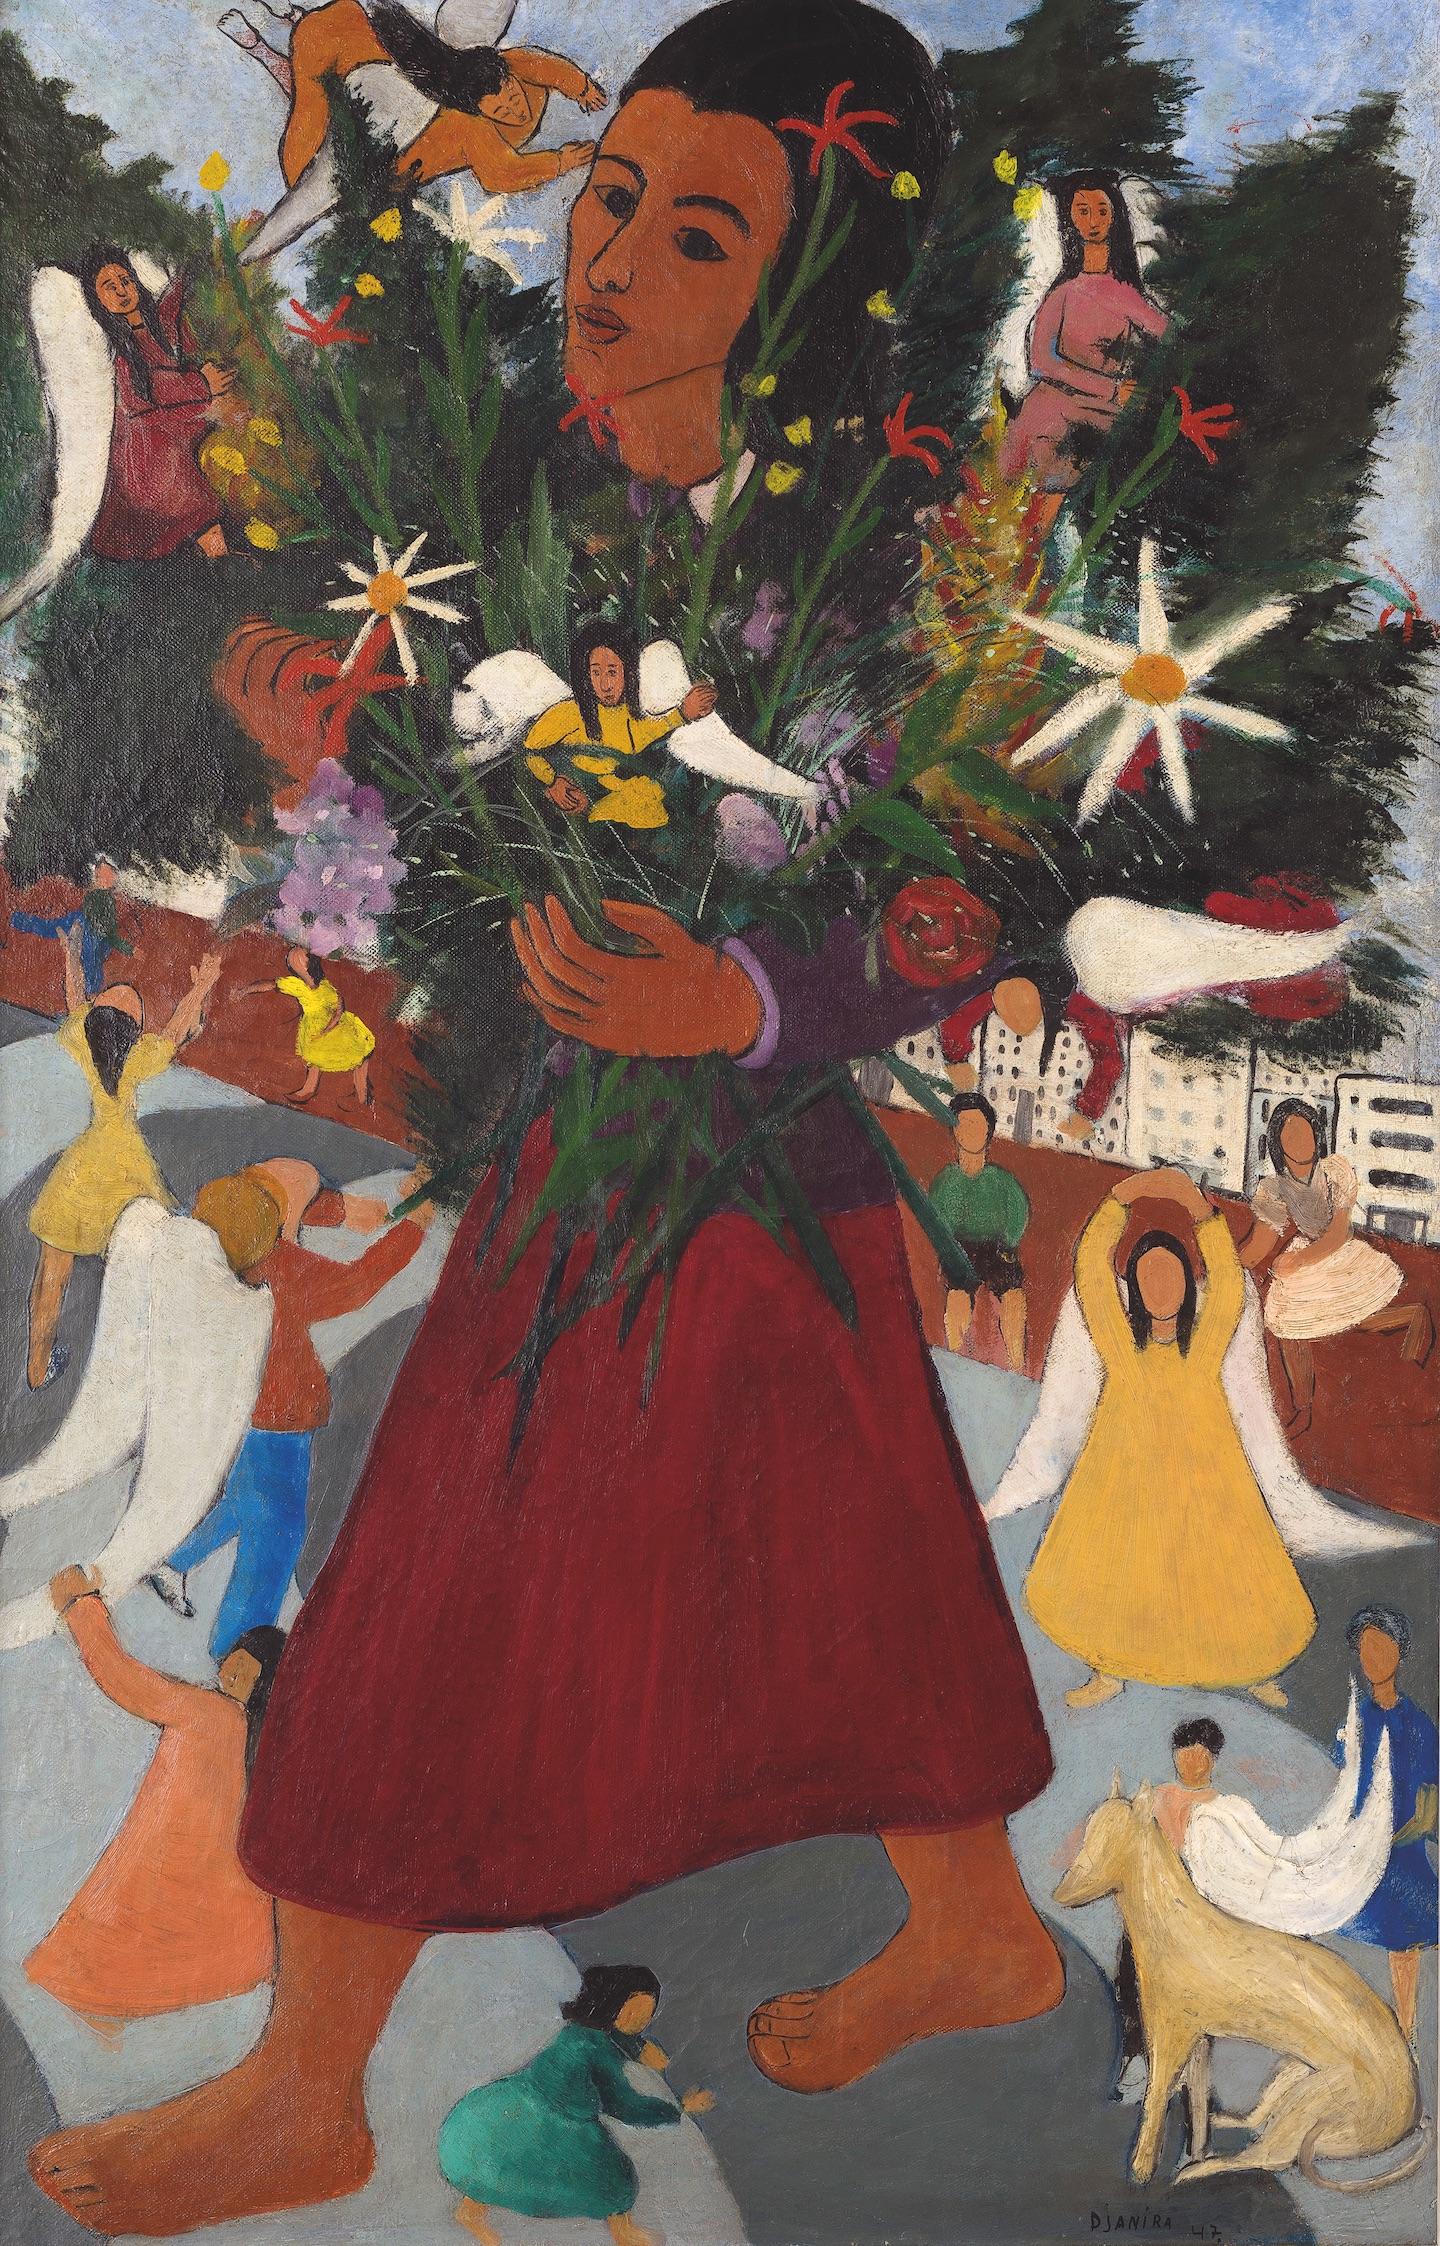 Djanira da Motta e Silva. Vendedora de Flores (1947) - Acervo MASP - Foto: Eduardo Ortega